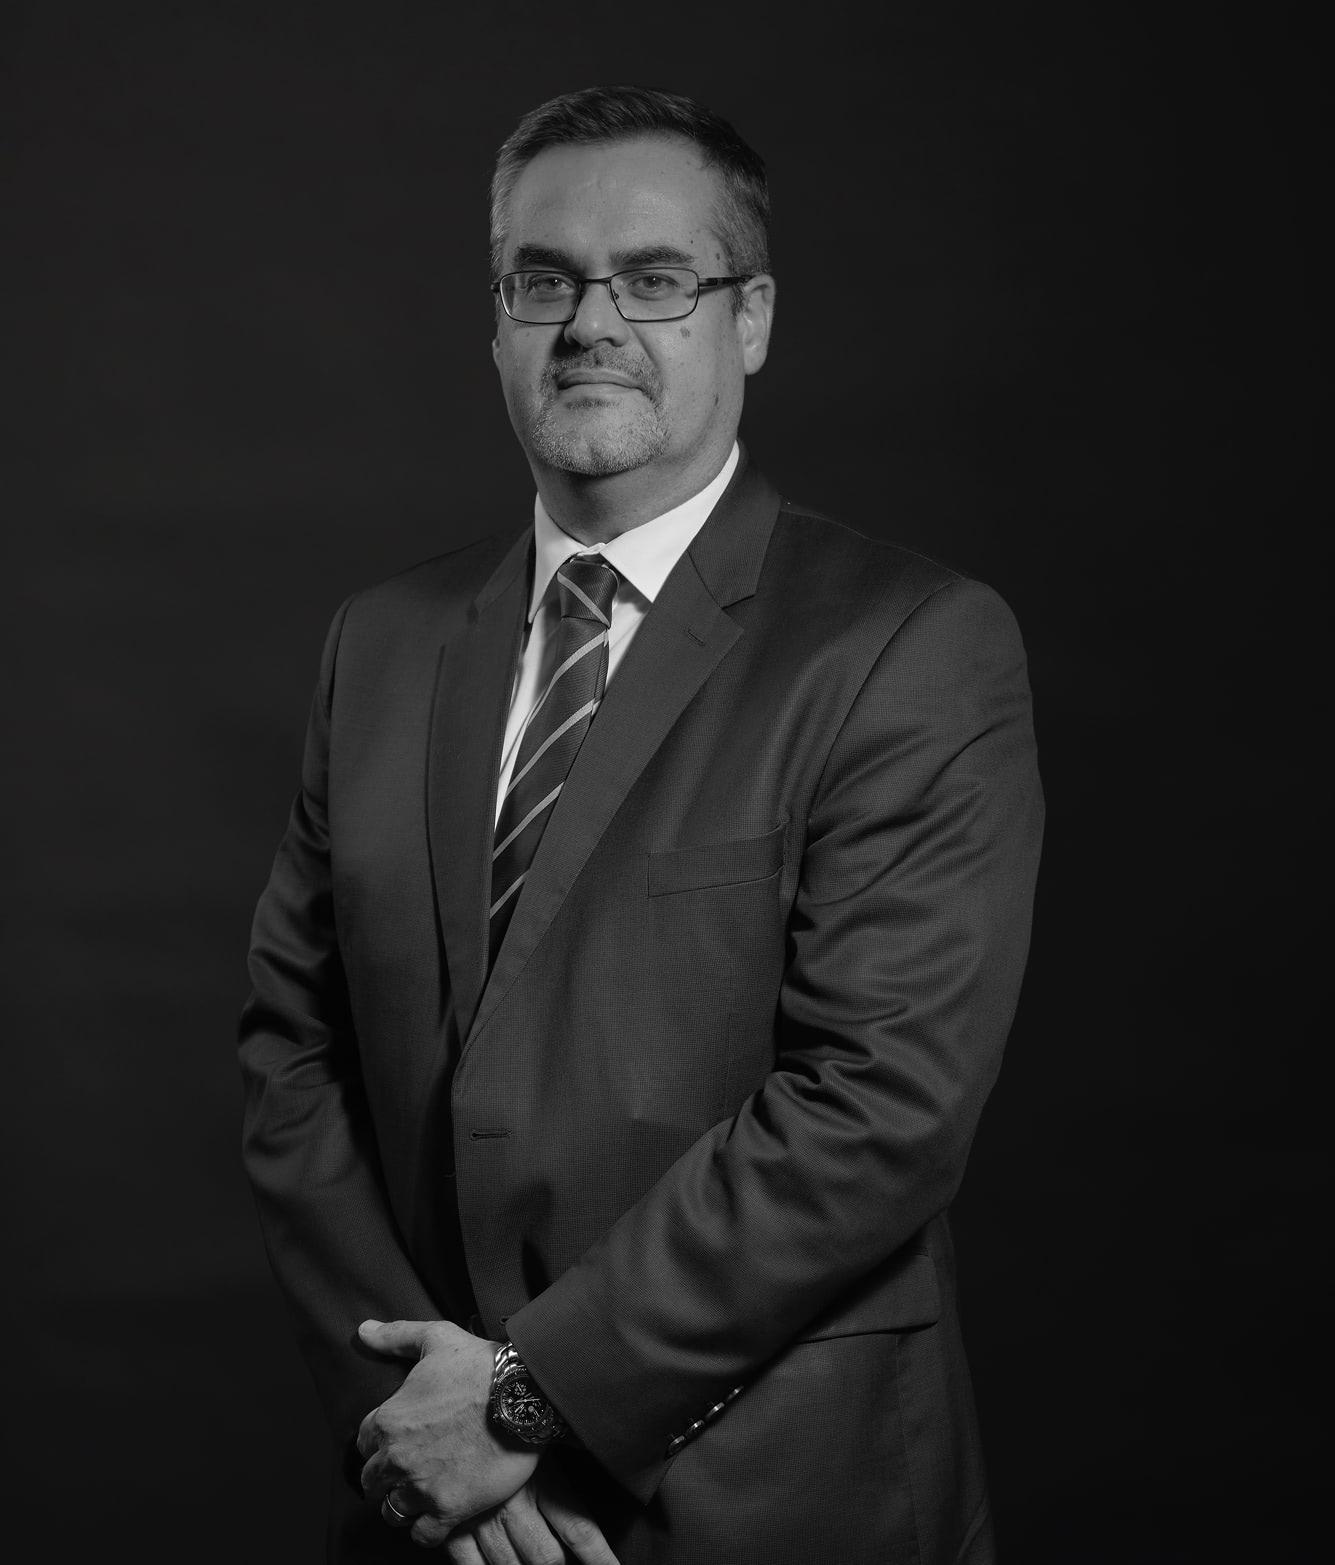 Jacques Schreiber